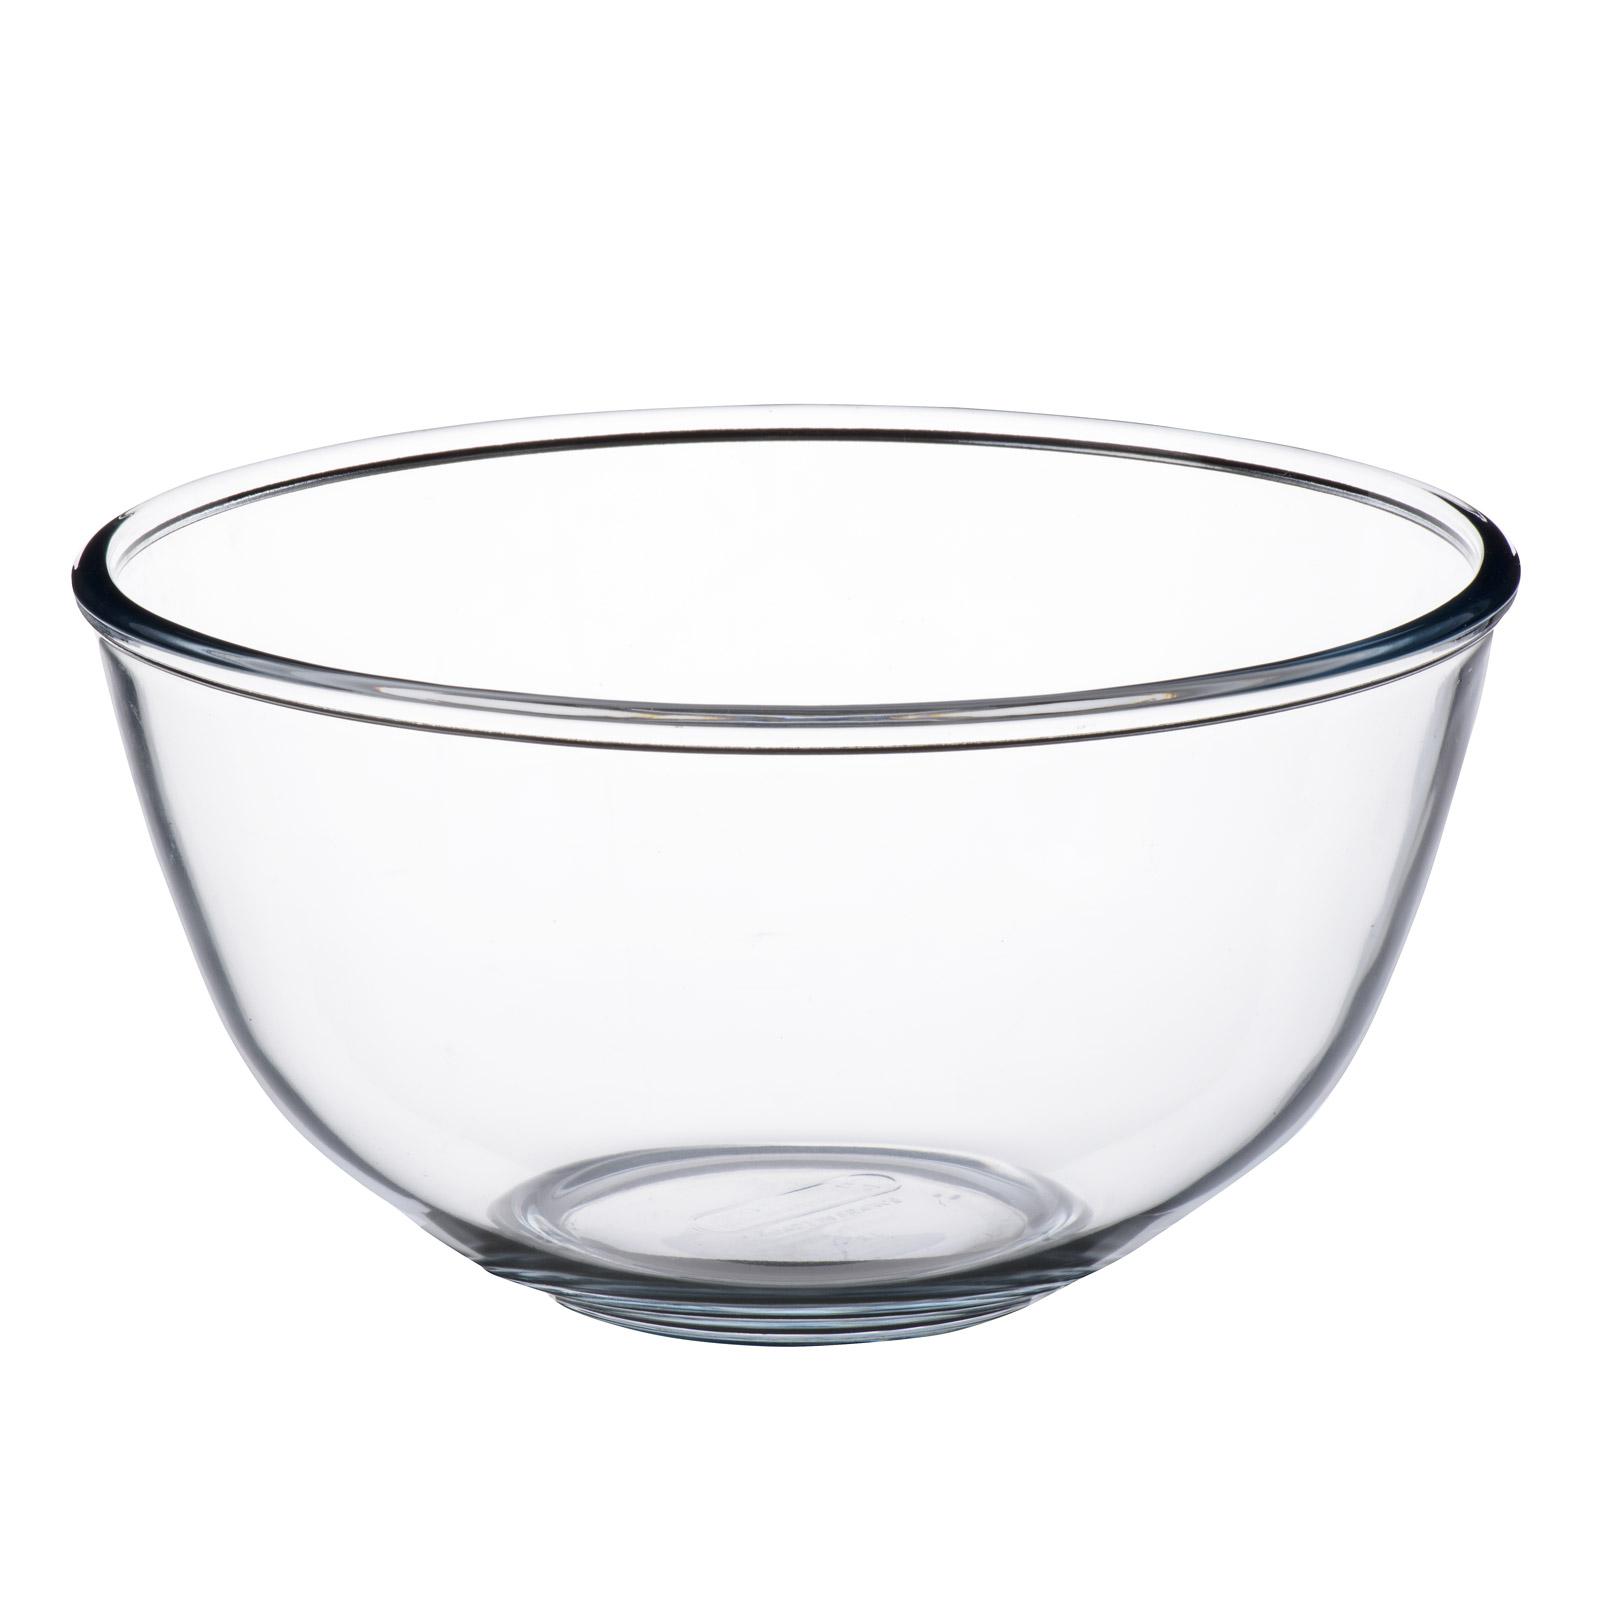 Mixing bowl made of glass purenature - Bol de vidrio ...